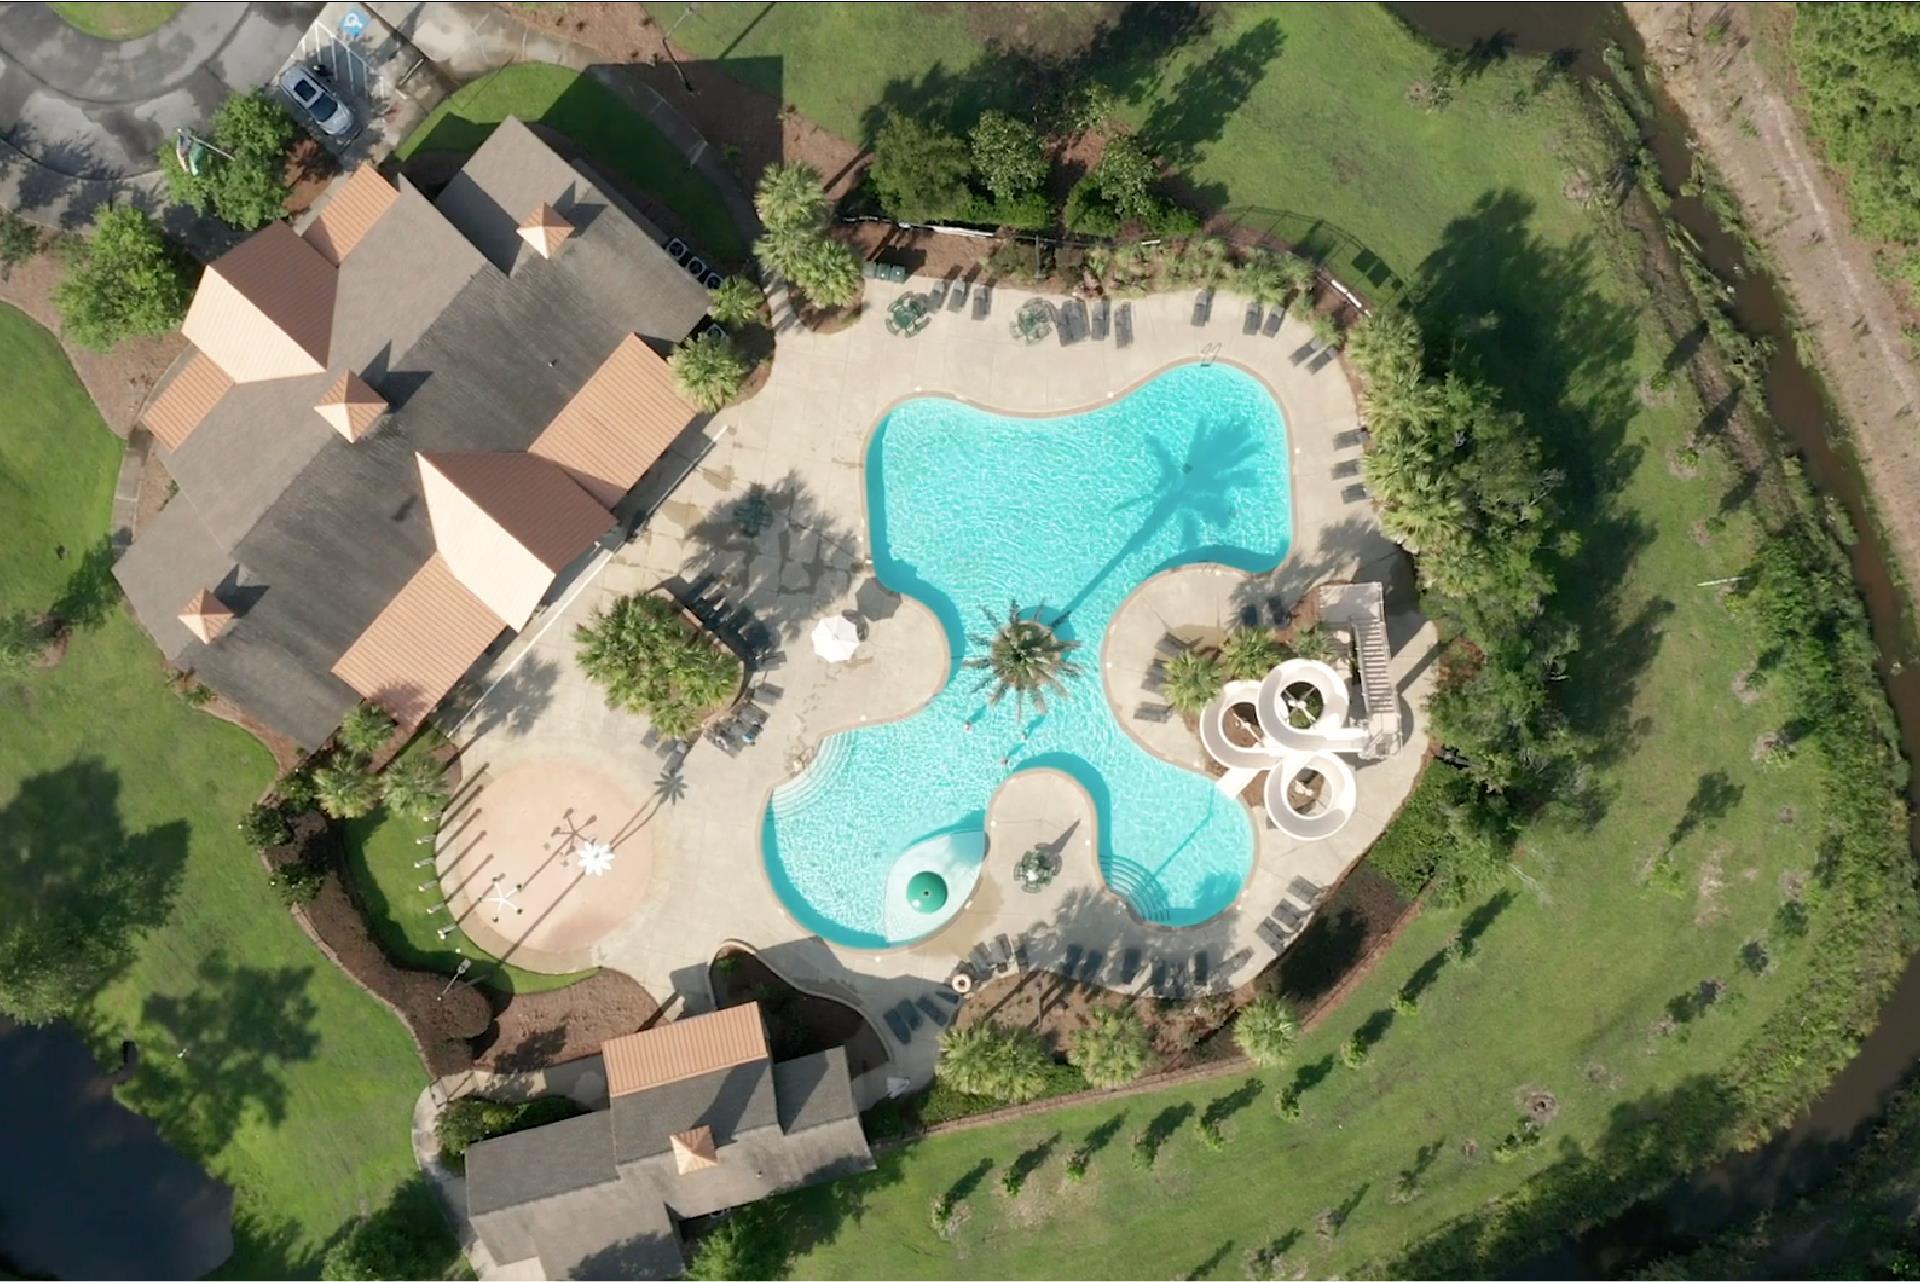 Savannah Highlands Community Pool:Savannah Highlands Community Pool